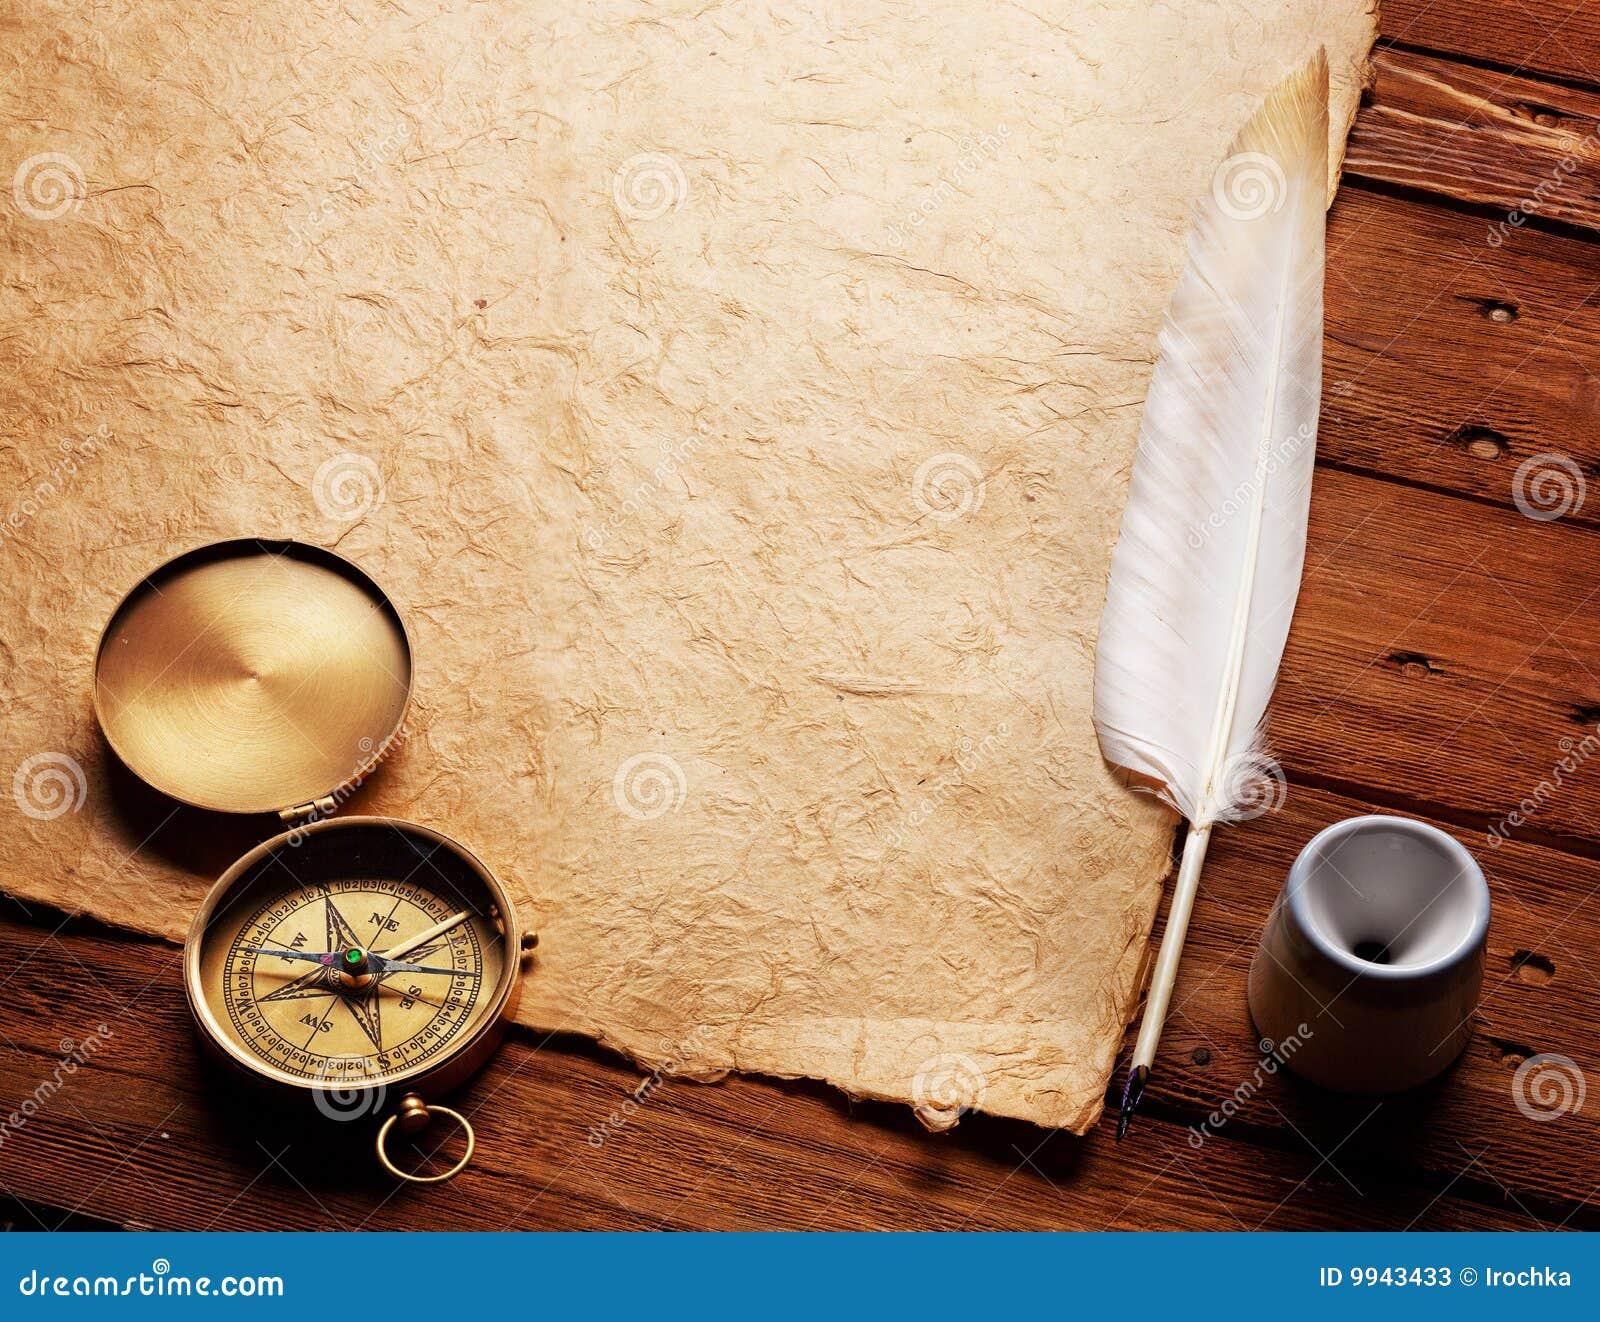 kompa tintenfa und feder auf einem alten papier stockbild bild von kunst antike 9943433. Black Bedroom Furniture Sets. Home Design Ideas